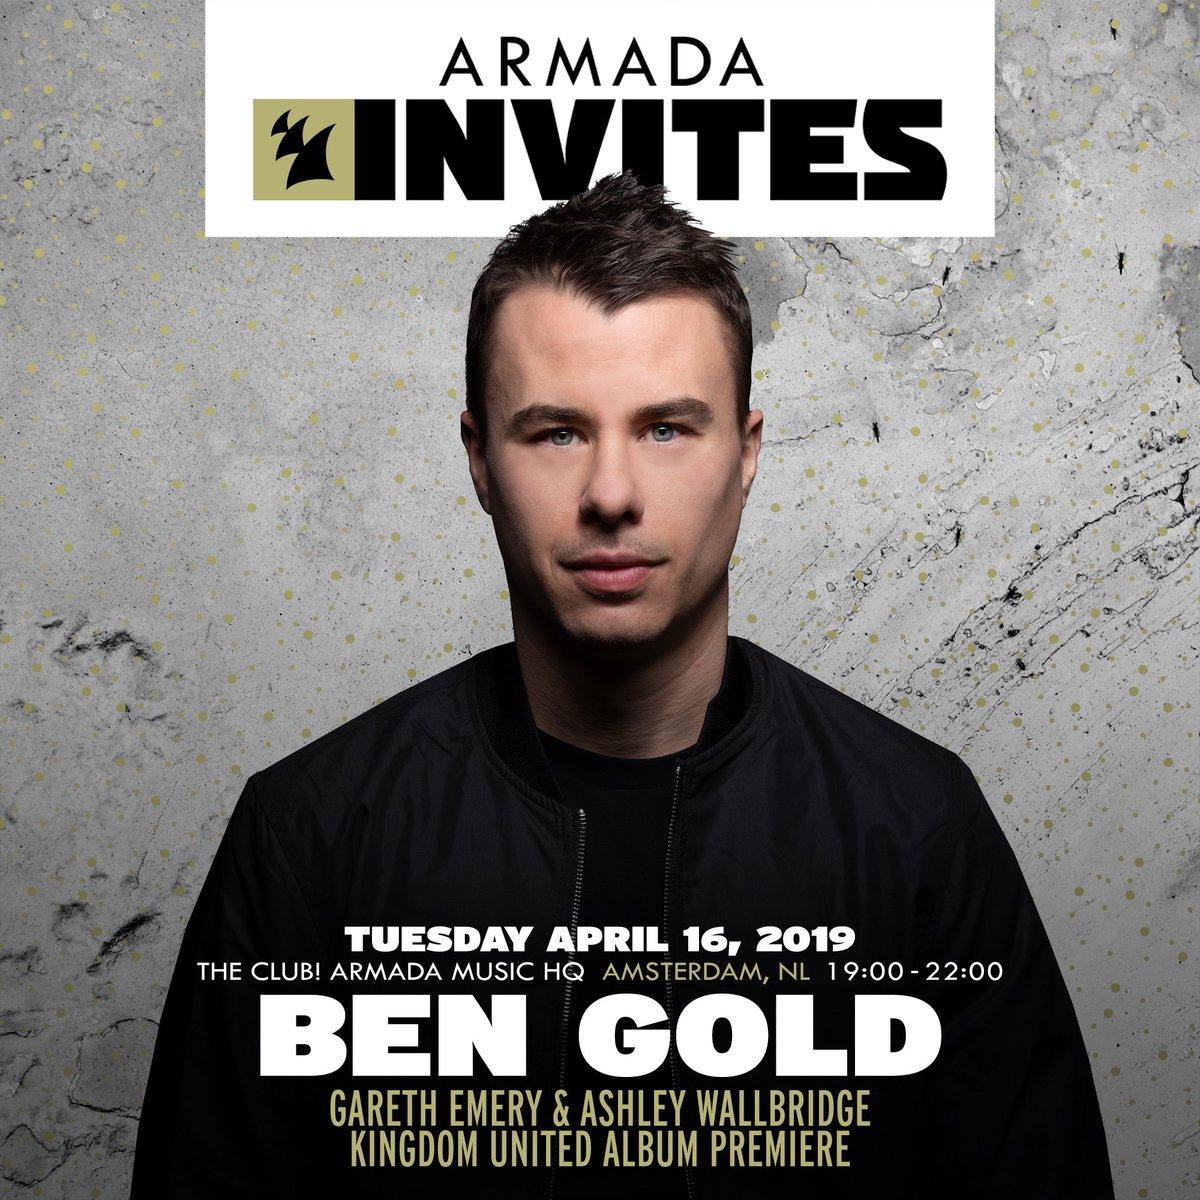 Armada Invites - Ben Gold ile ilgili görsel sonucu